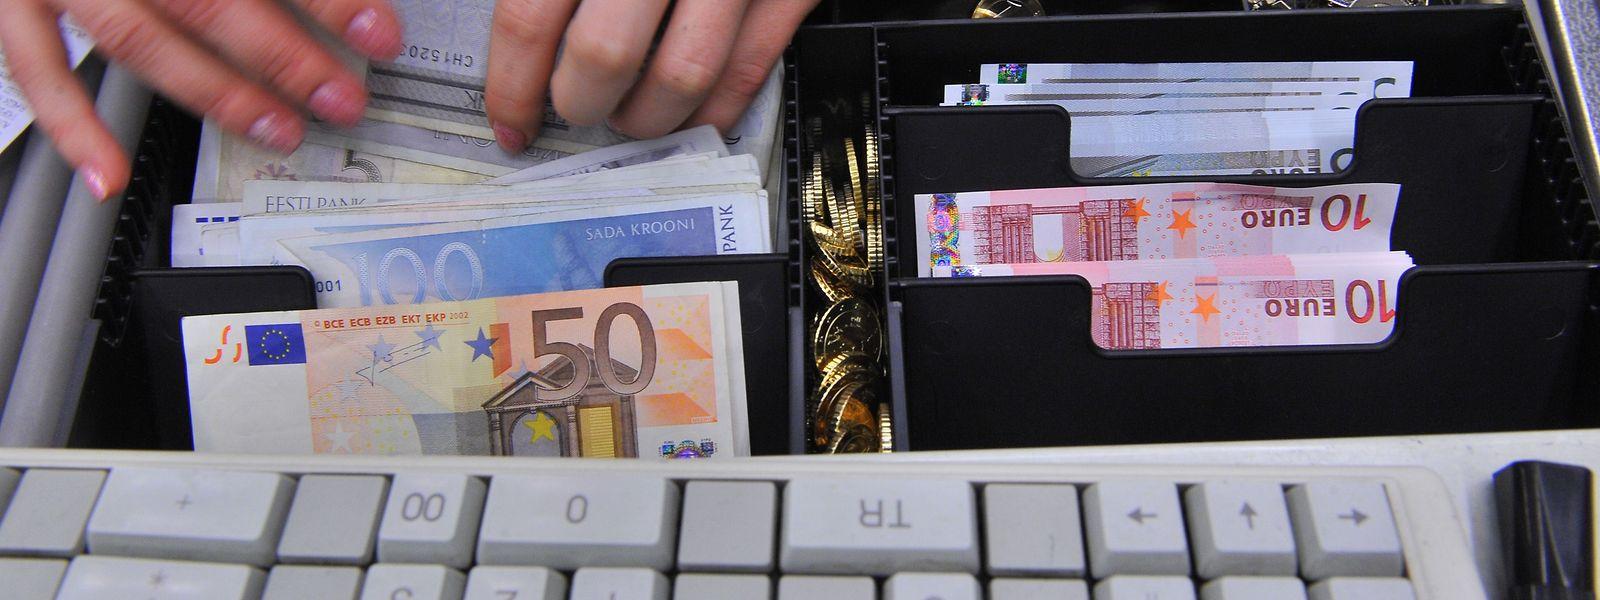 Pour s'être entendues avec leur fournisseur sur les tarifs à appliquer les enseignes luxembourgeoises devront reverser 1,8 million d'euros à l'Etat.